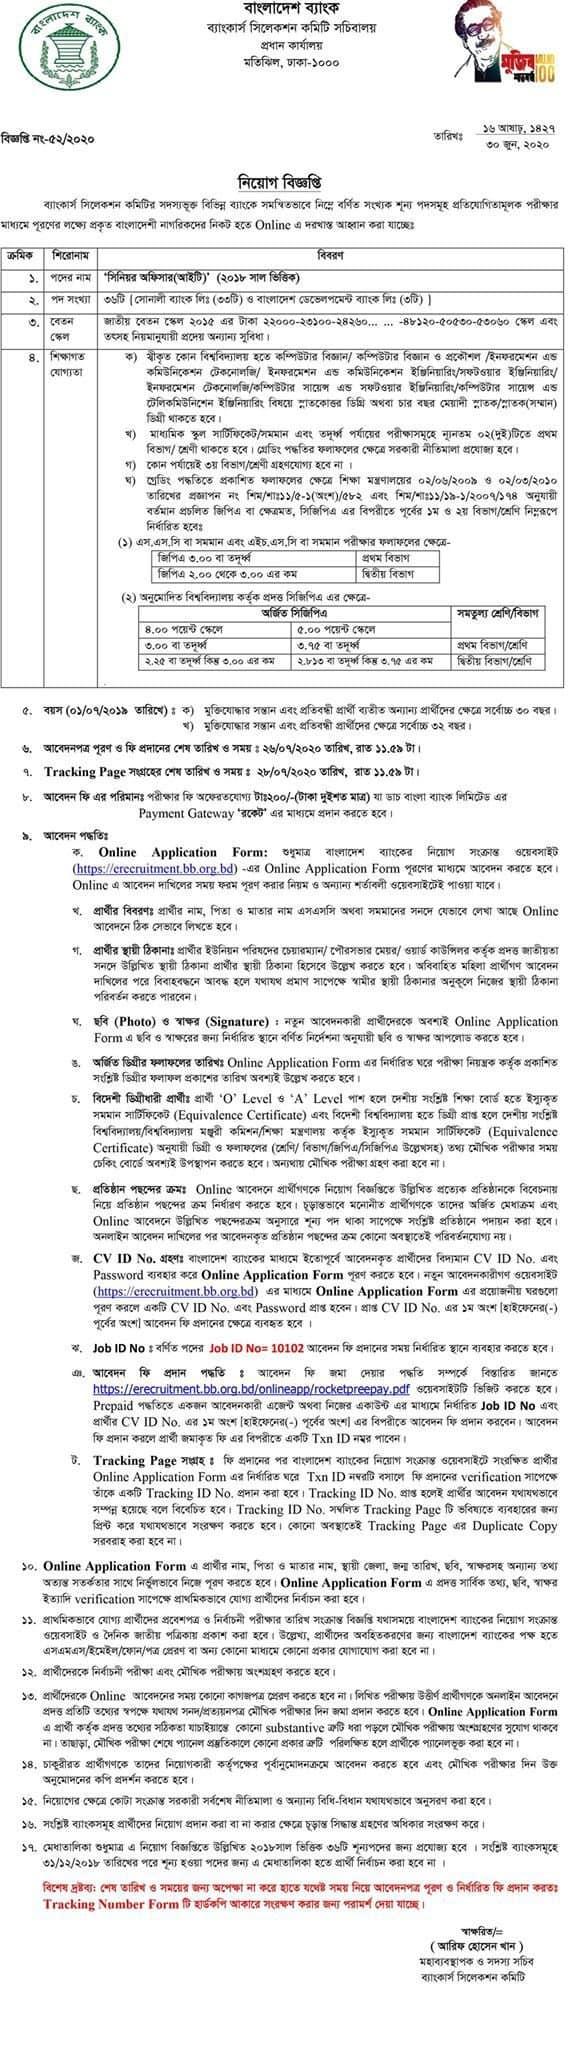 Bangladesh bank recent job circular